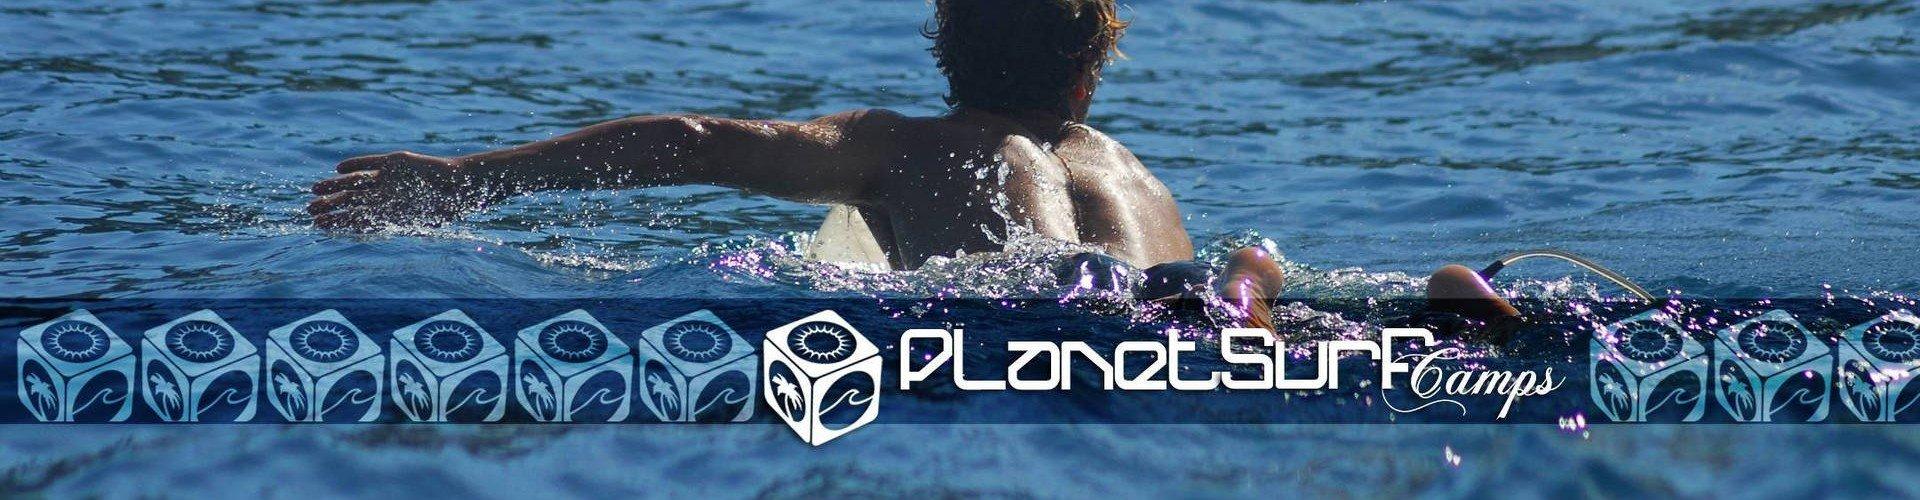 Planet Surfcamps Surfer auf der Suche nach der Welle